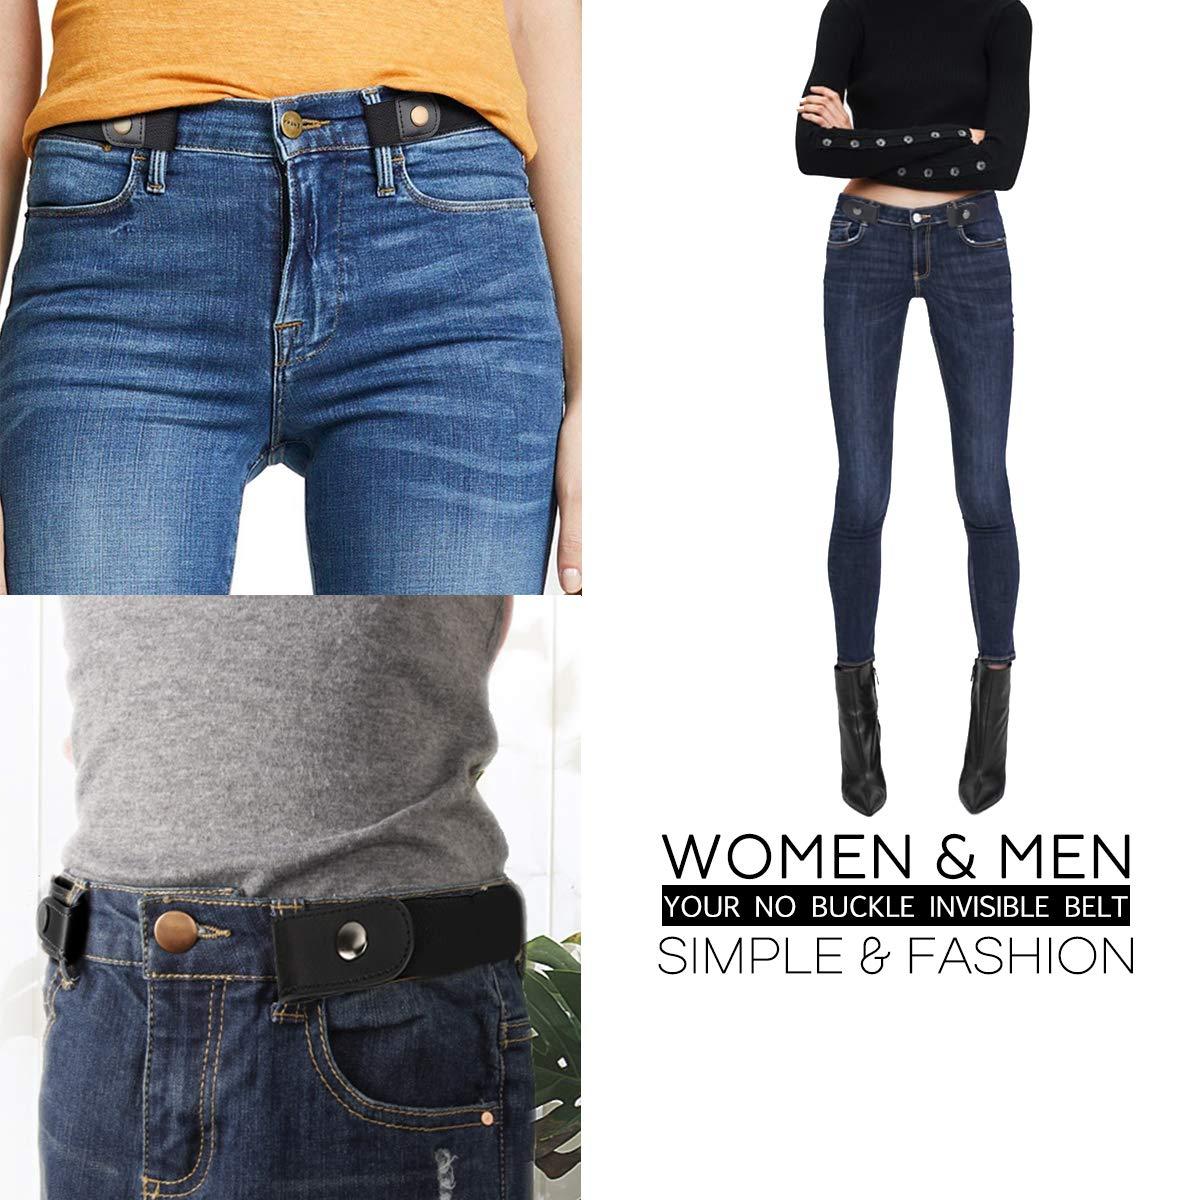 Ceinture sans boucle pour femme1, 25 Pantalon Jeans Ceinture élastique sans  boucle confortable Ceintures taille 9ceee7b147b